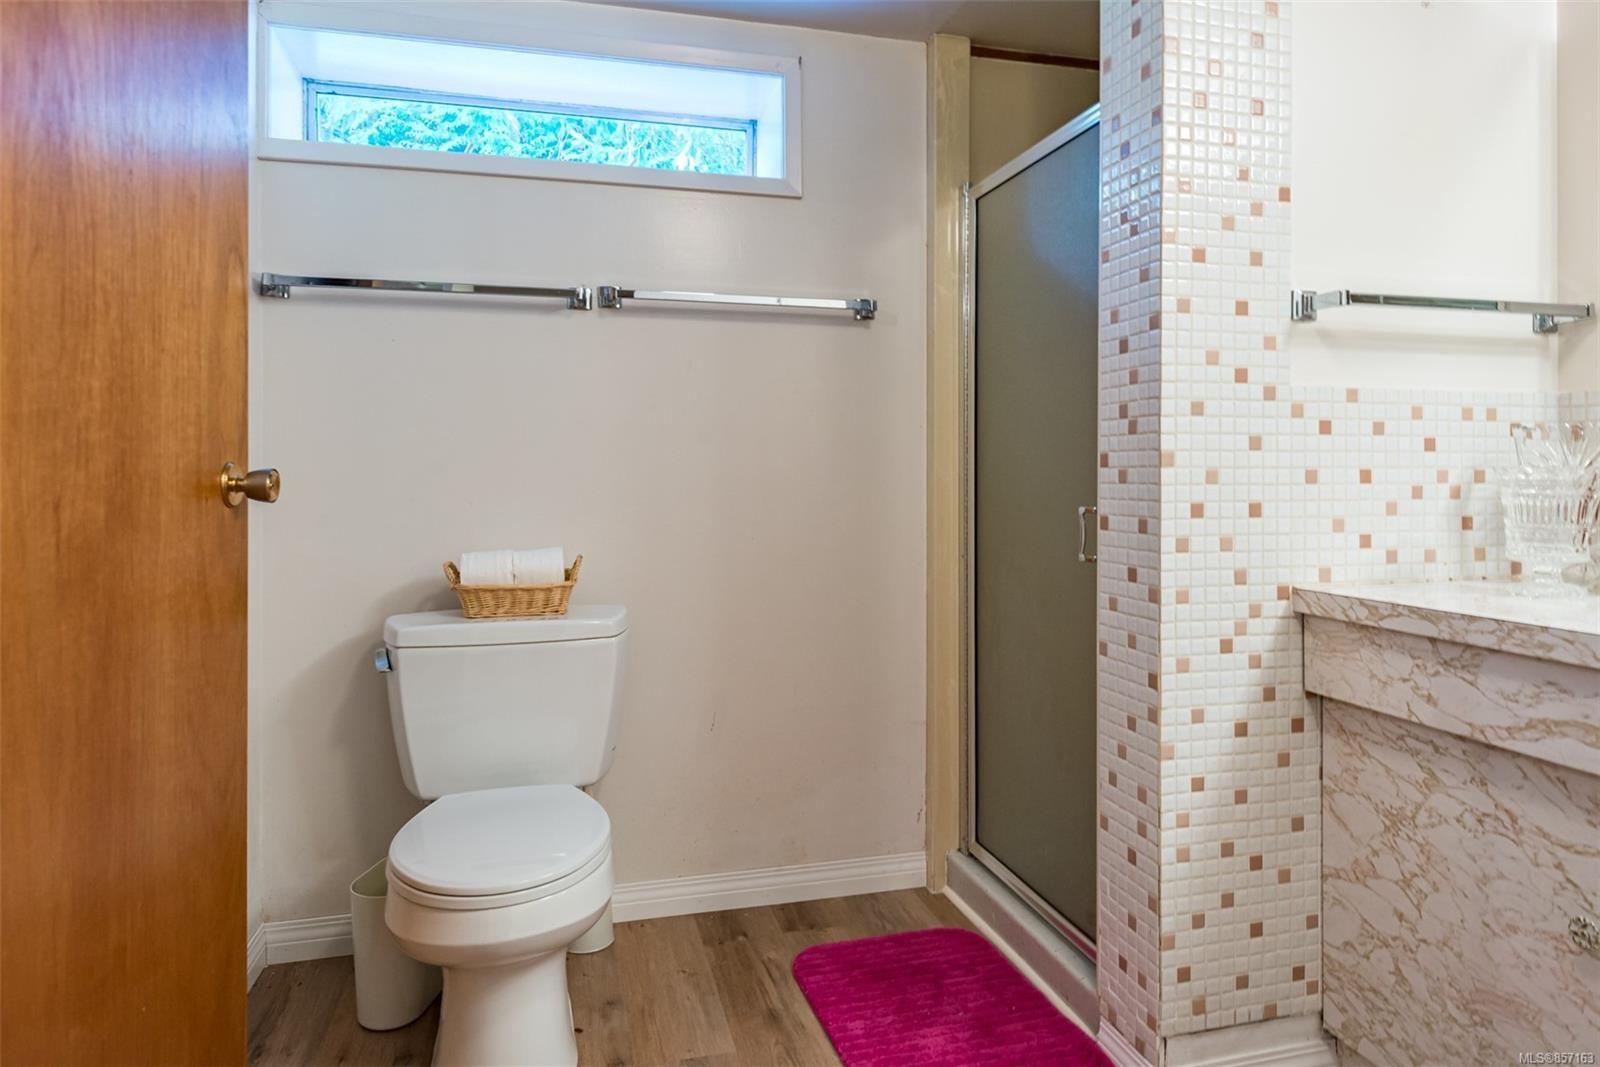 Photo 46: Photos: 4241 Buddington Rd in : CV Courtenay South House for sale (Comox Valley)  : MLS®# 857163